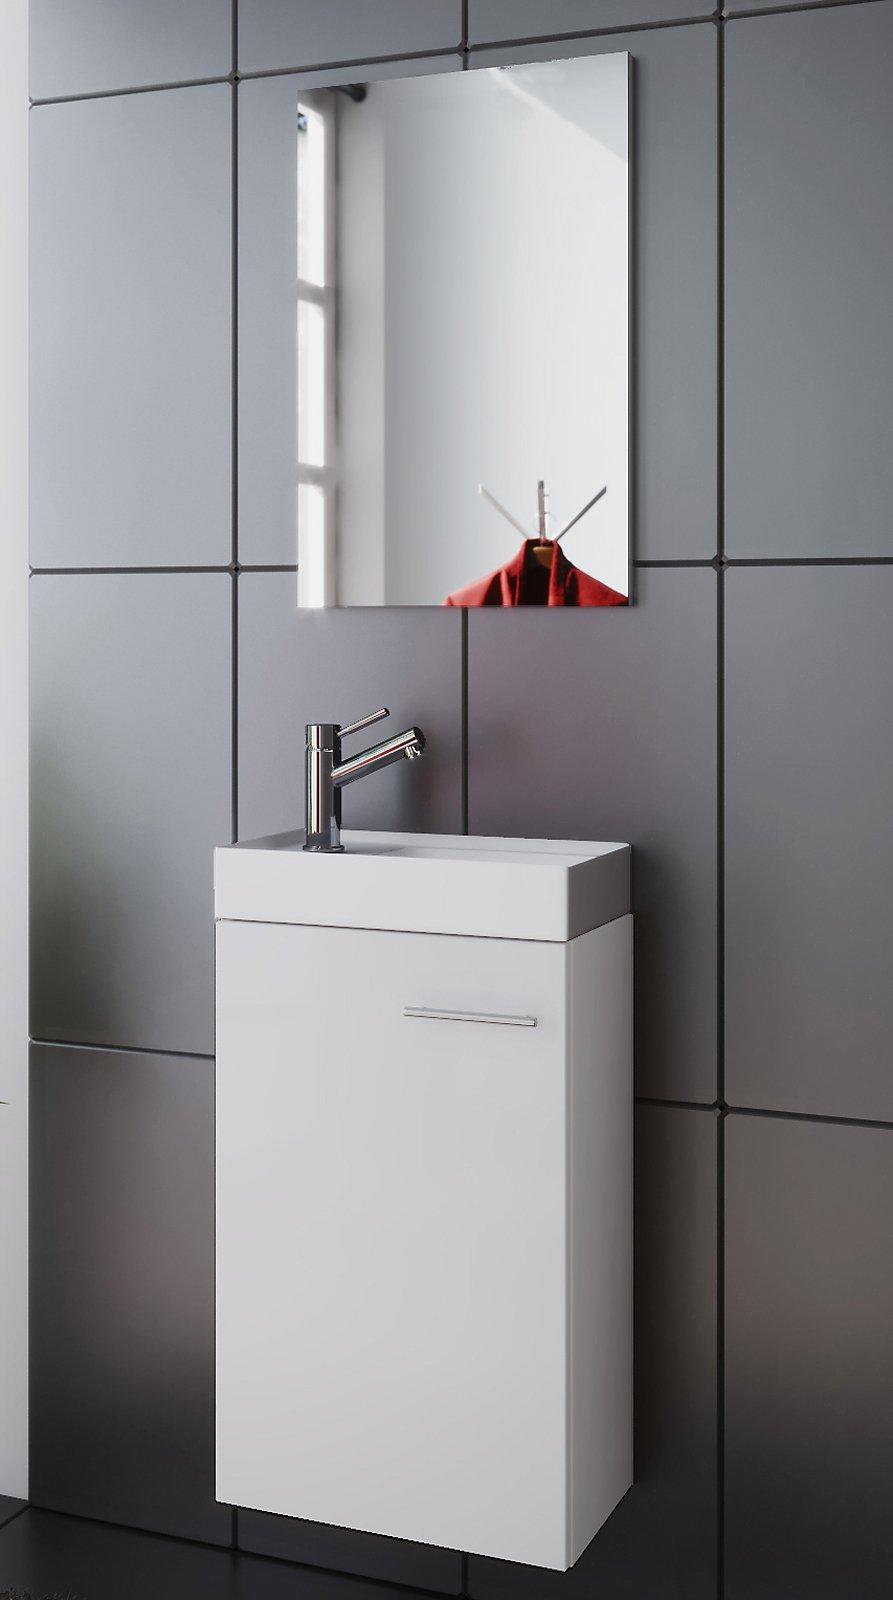 VCM Waschplatz Waschbecken Schrank + Spiegel WC Gäste Toilette ...